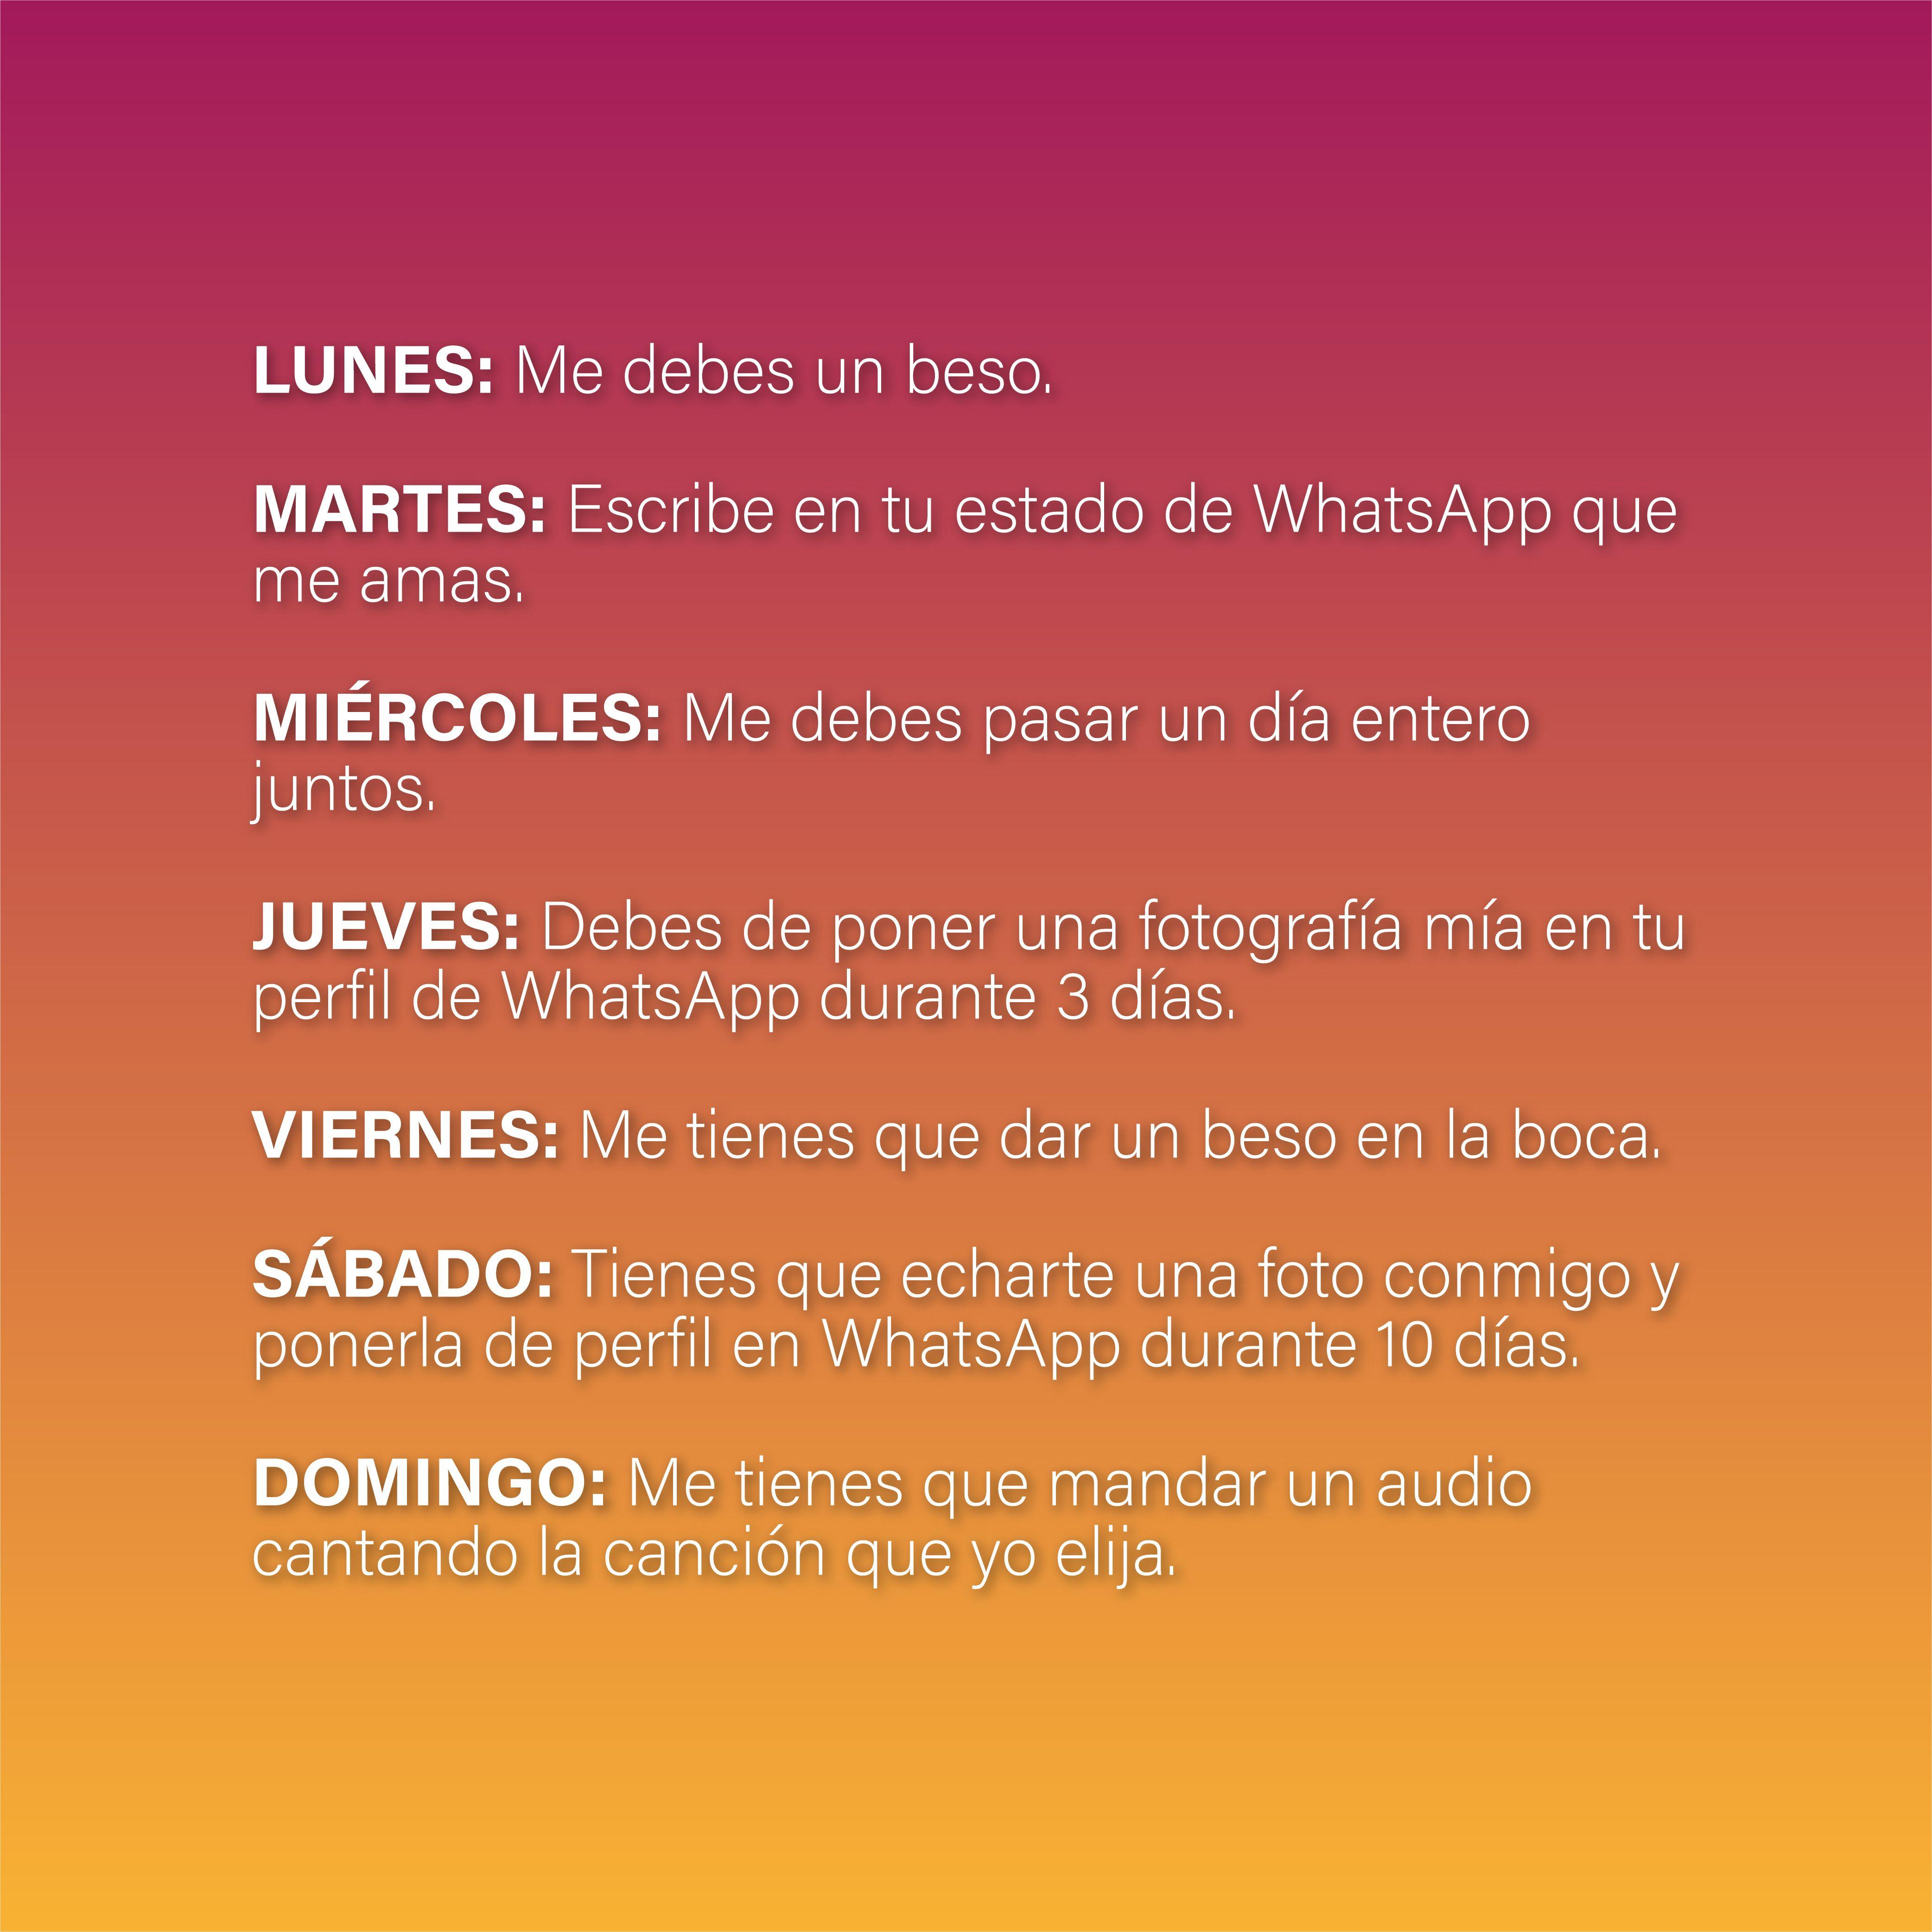 Cadenas Y Retos Para Whatsapp